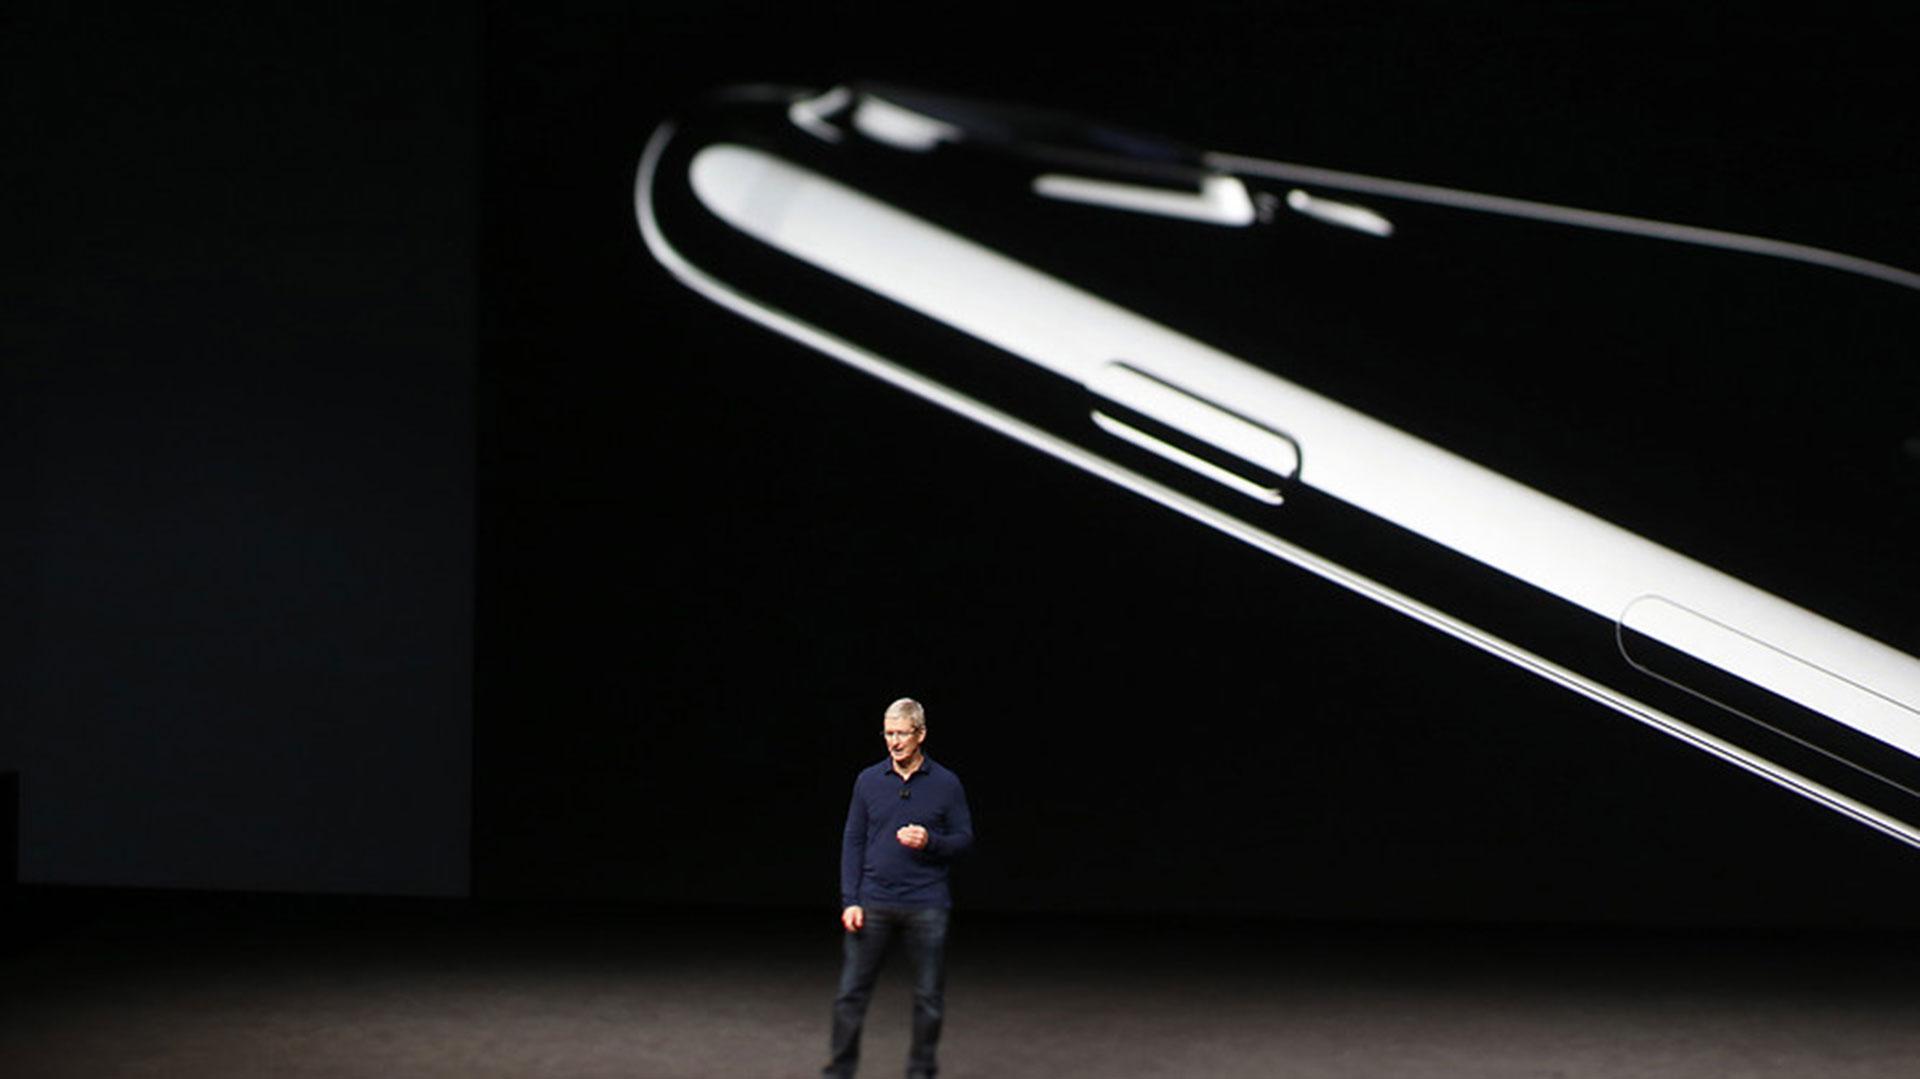 El iPhone 8tendría una pantalla curva